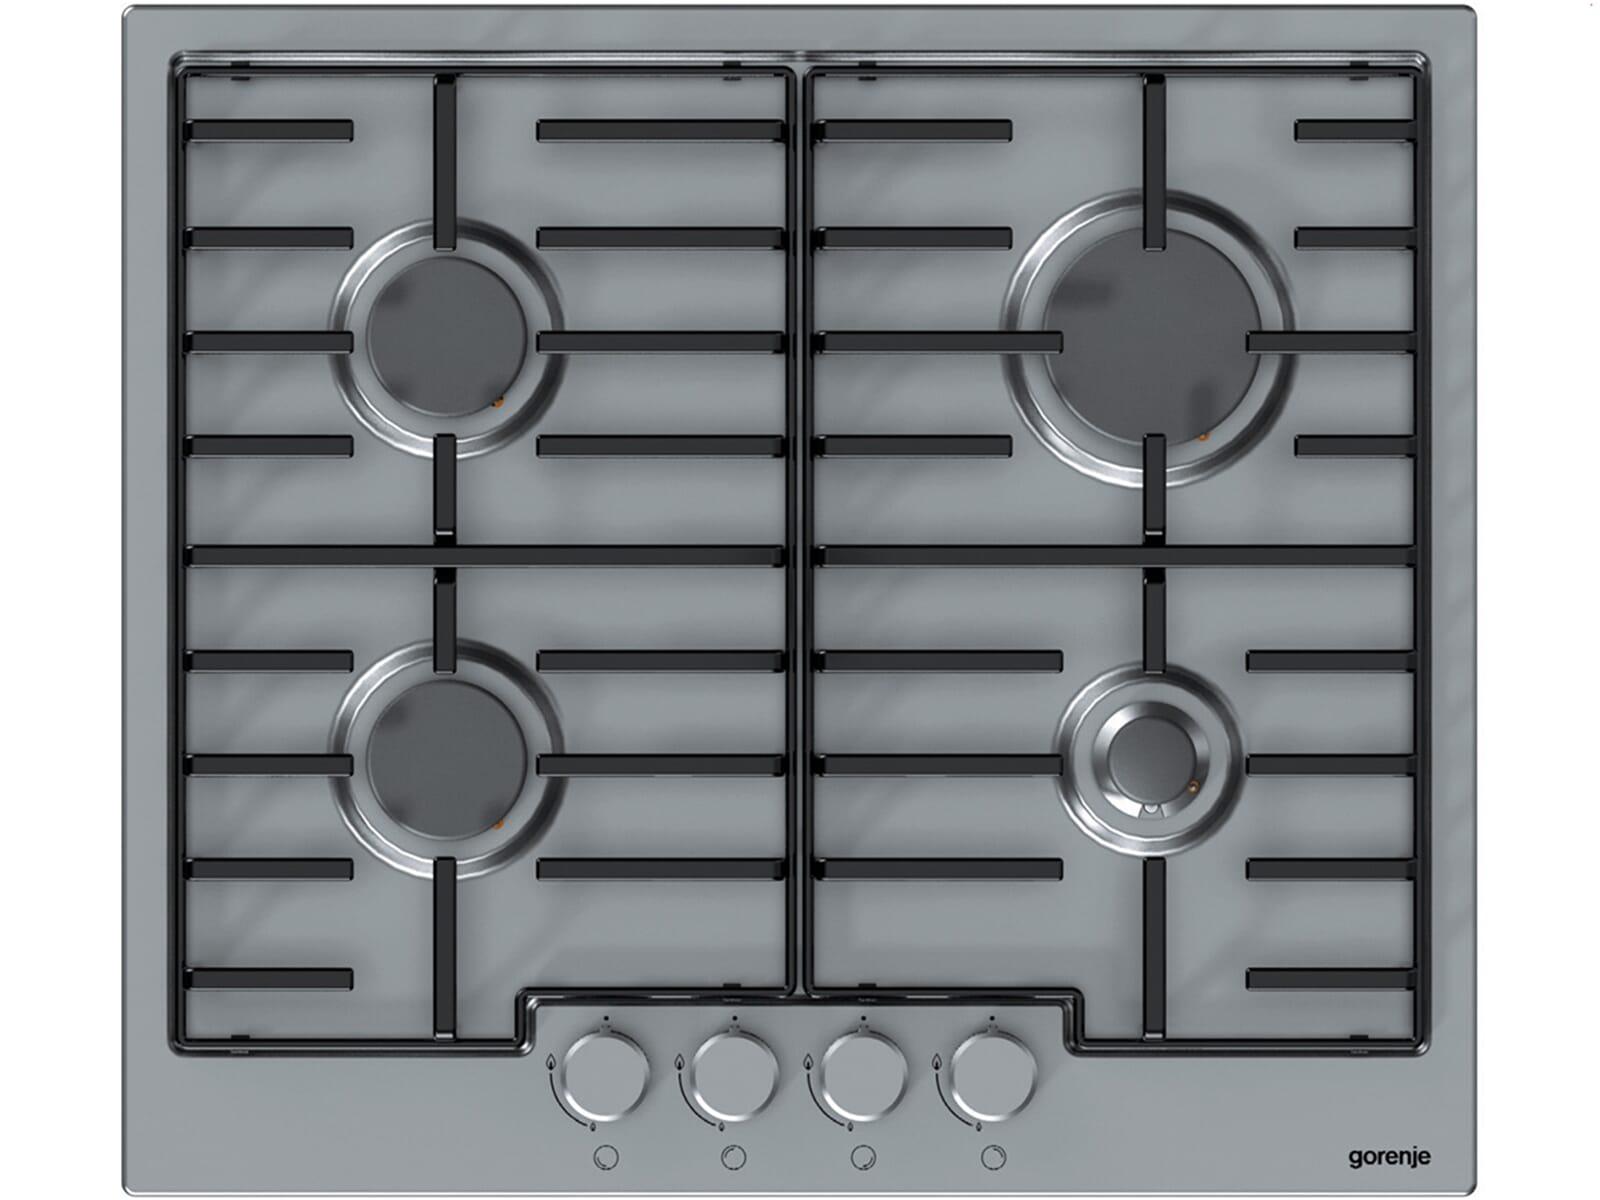 Das autarke Gorenje G 6N40 IX Gaskochfeld aus Edelstahl überzeugt Sie mit einem authentischen Kochgefühl über dem offenen Feuer und höchster Effizienz.